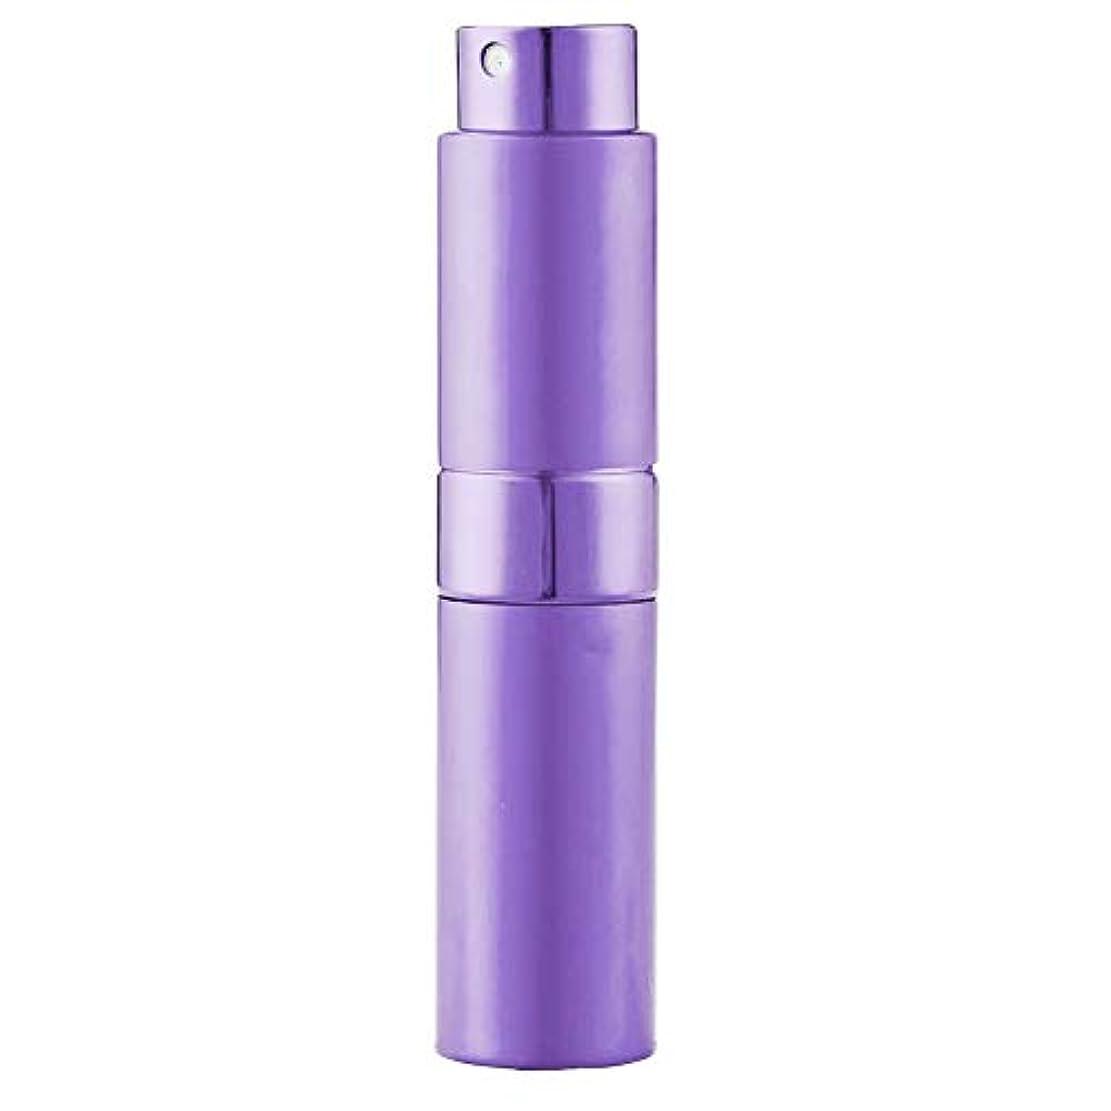 灌漑生きる人口Ladygogo 香水アトマイザーセット 回転プッシュ式 スプレー ボトル 香水スプレー 詰め替え 持ち運び 身だしなみ 携帯用 男女兼用 (紫)